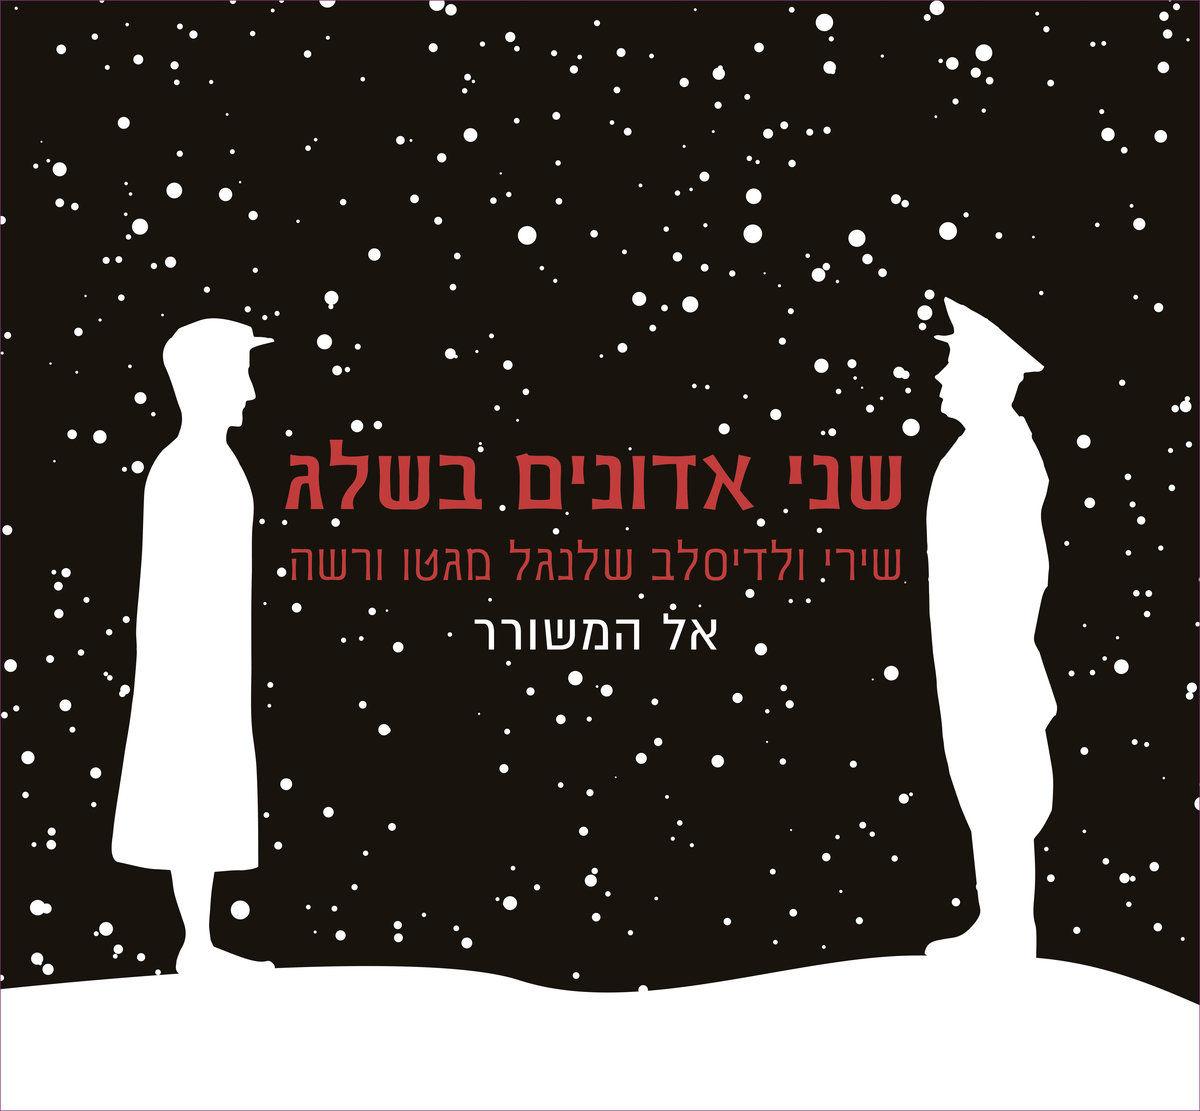 שני אדונים בשלג-שירי ולדיסלב שלנגל מגטו ורשה-ספר ד